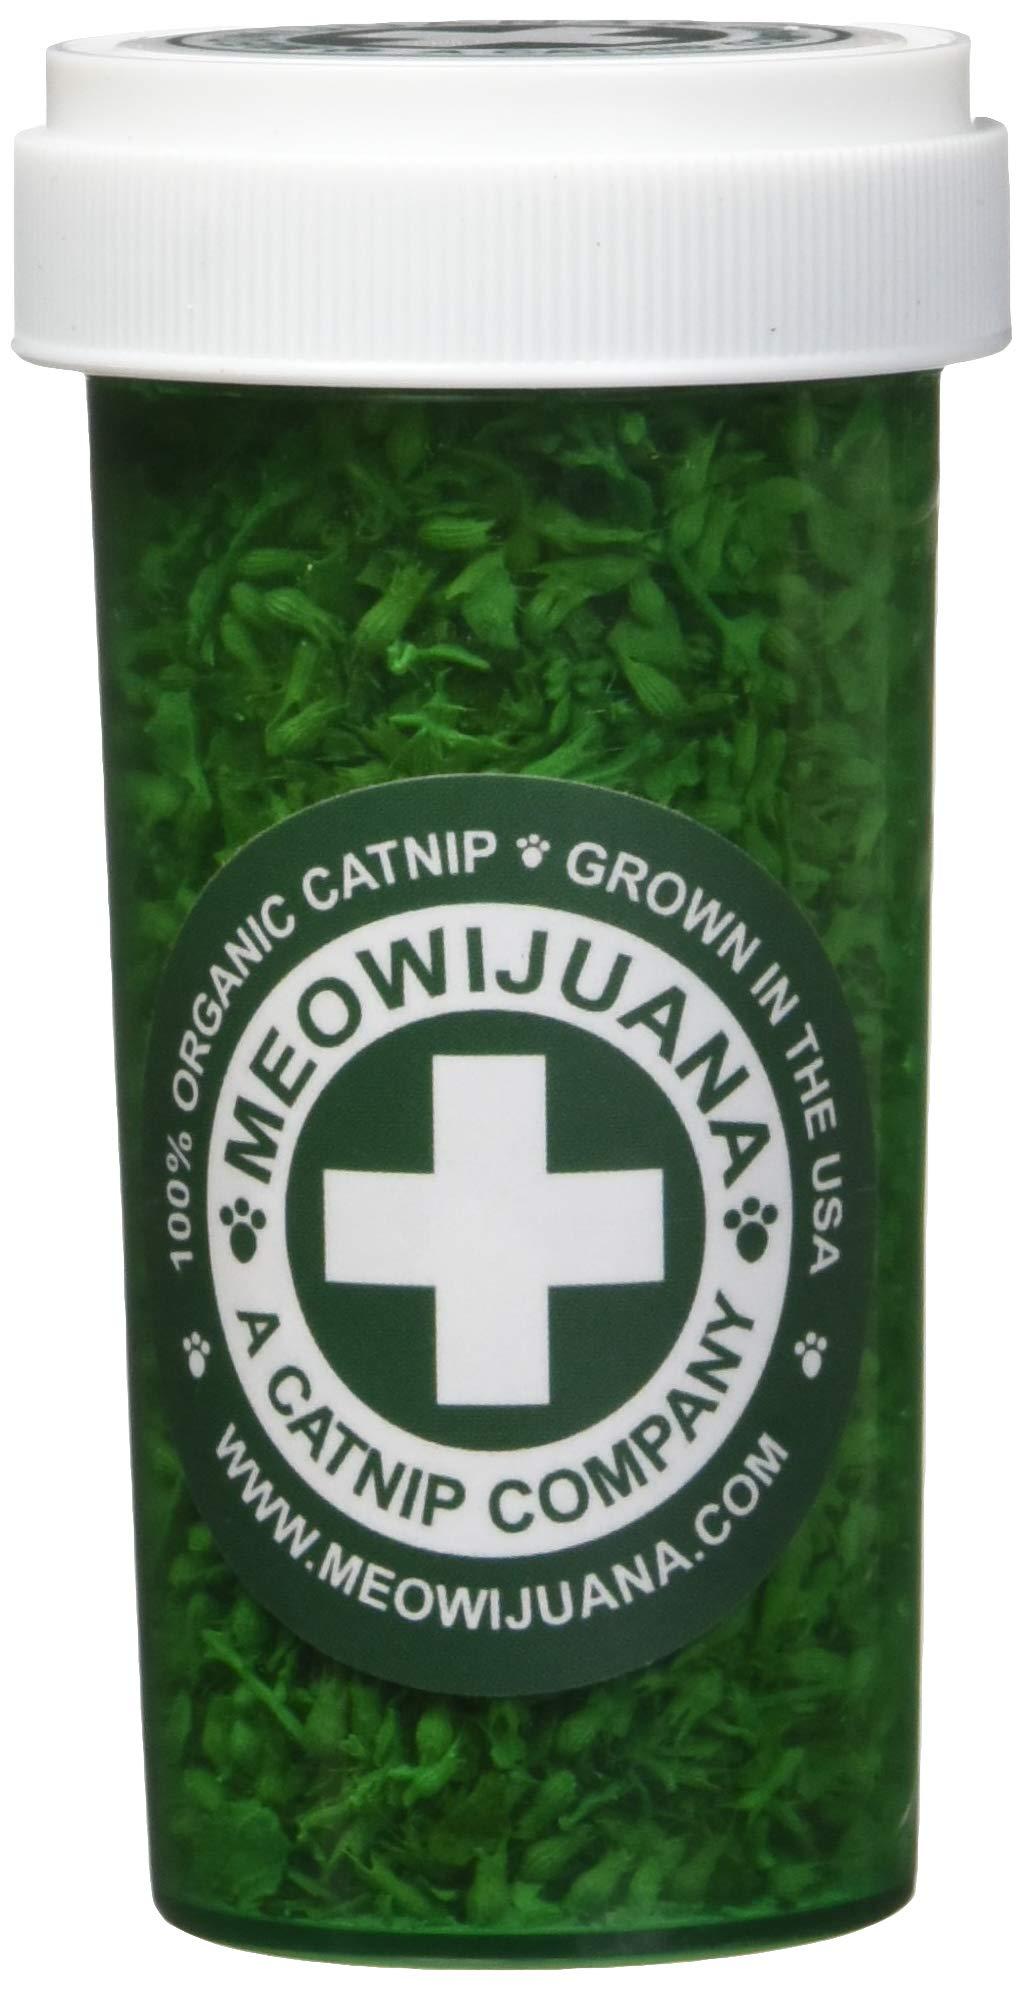 Meowijuana Meowi-Waui - Primo Kitty Weed - Small Bottle by Meowijuana